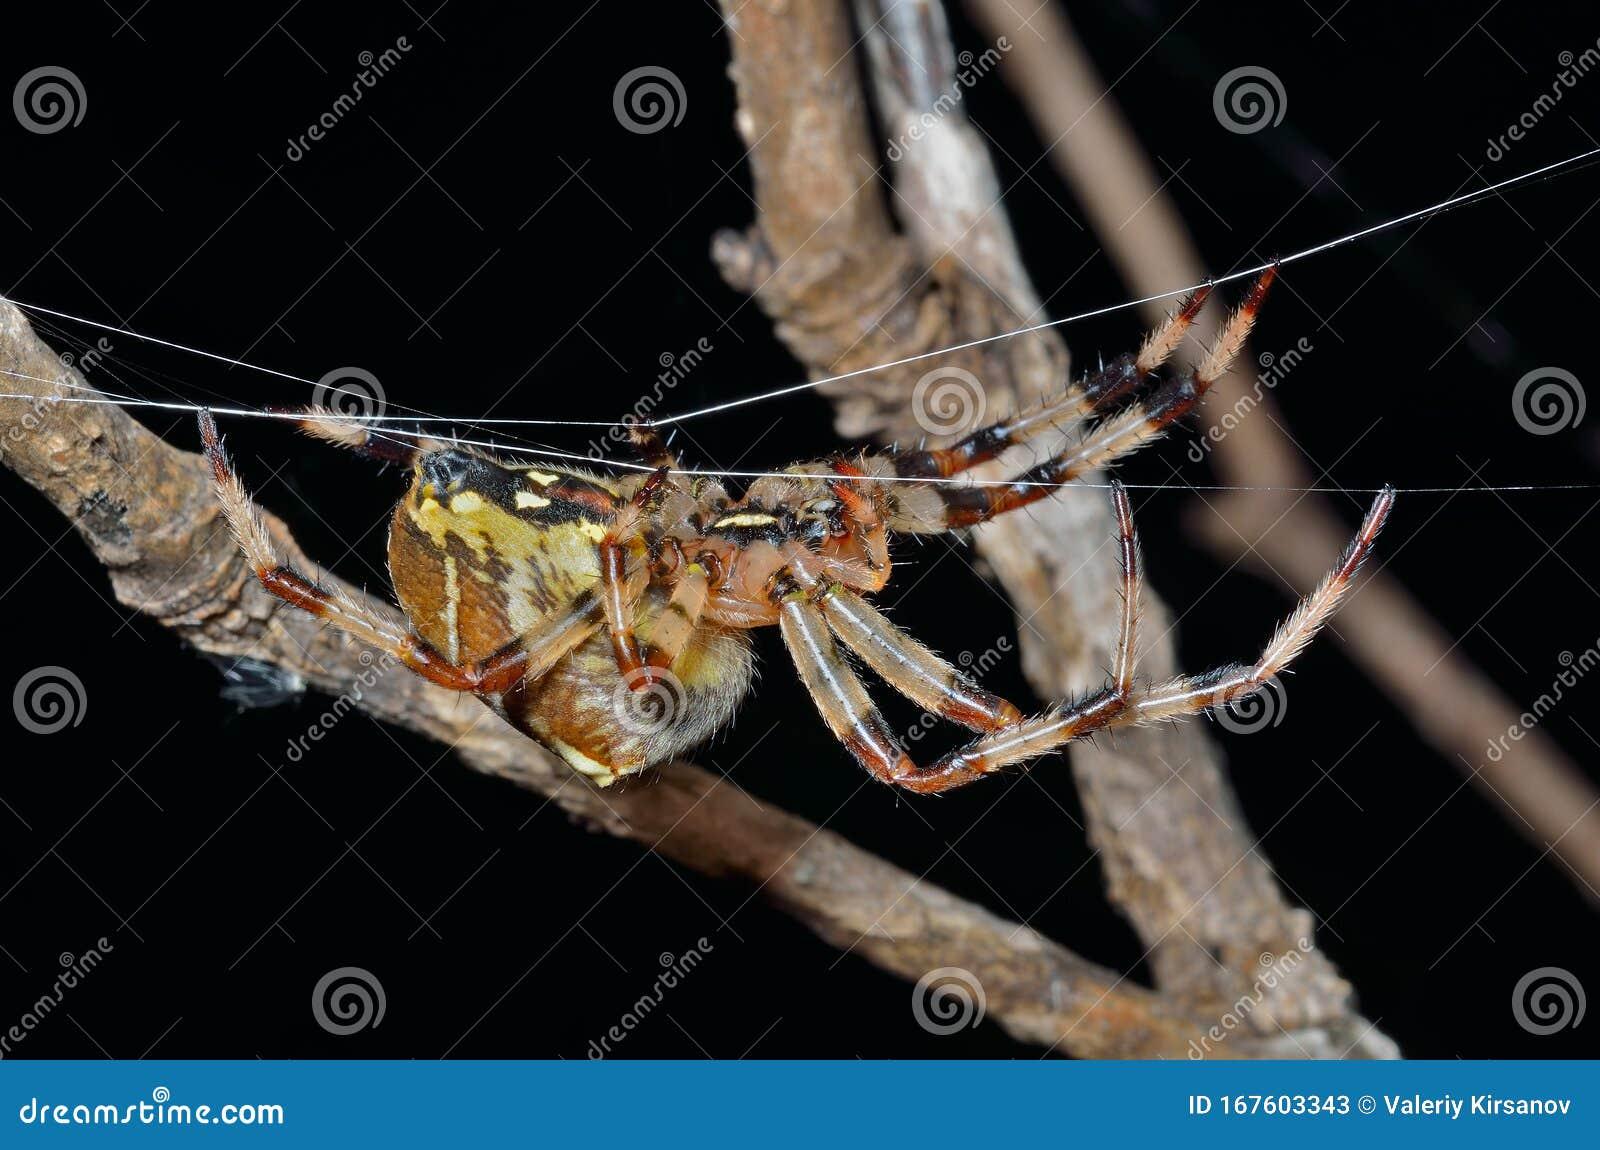 spinne im spinnennetz 38 stockbild bild von bedeutung